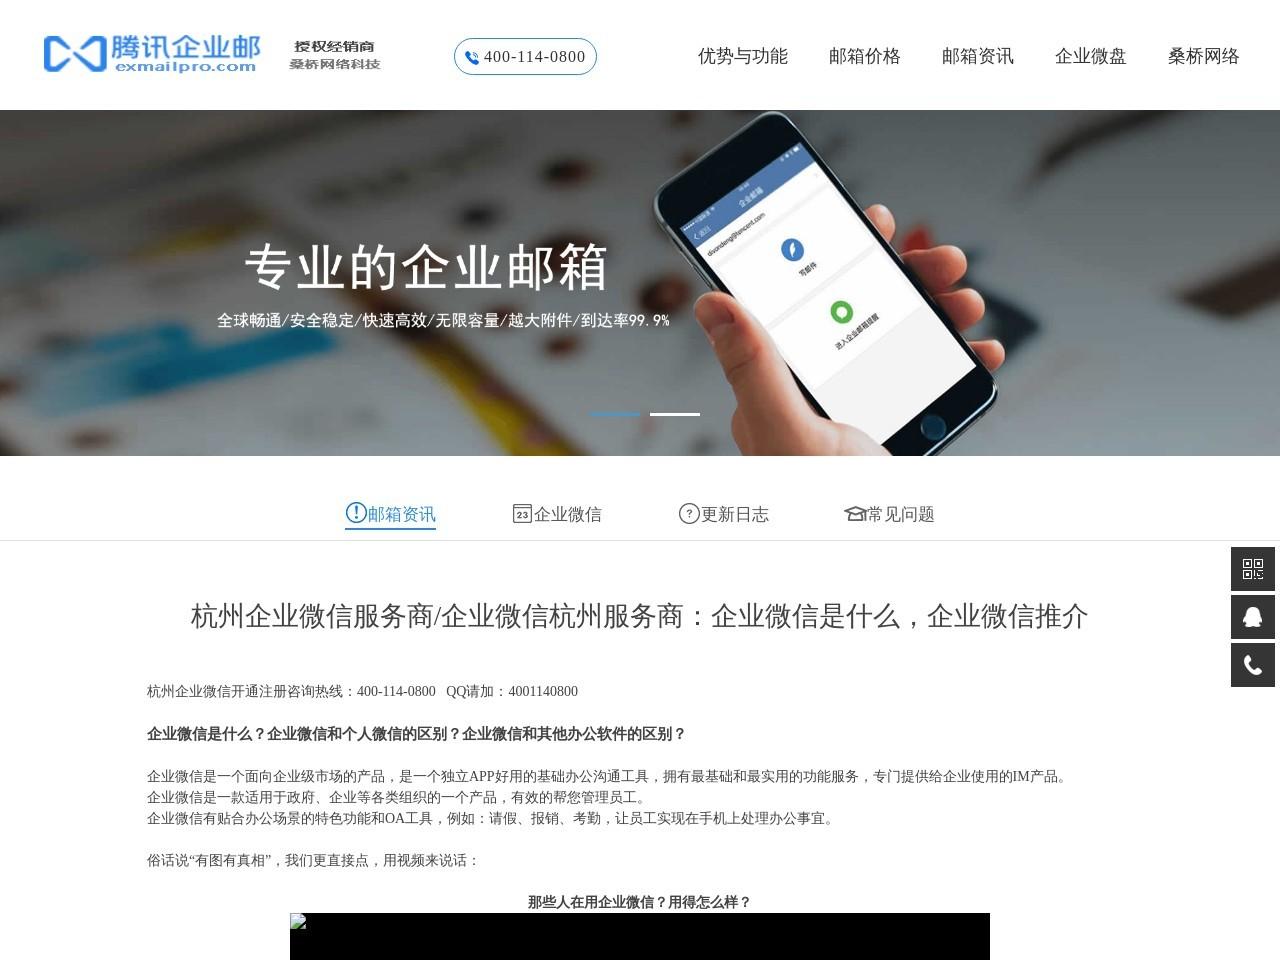 杭州企業微信服務商截圖